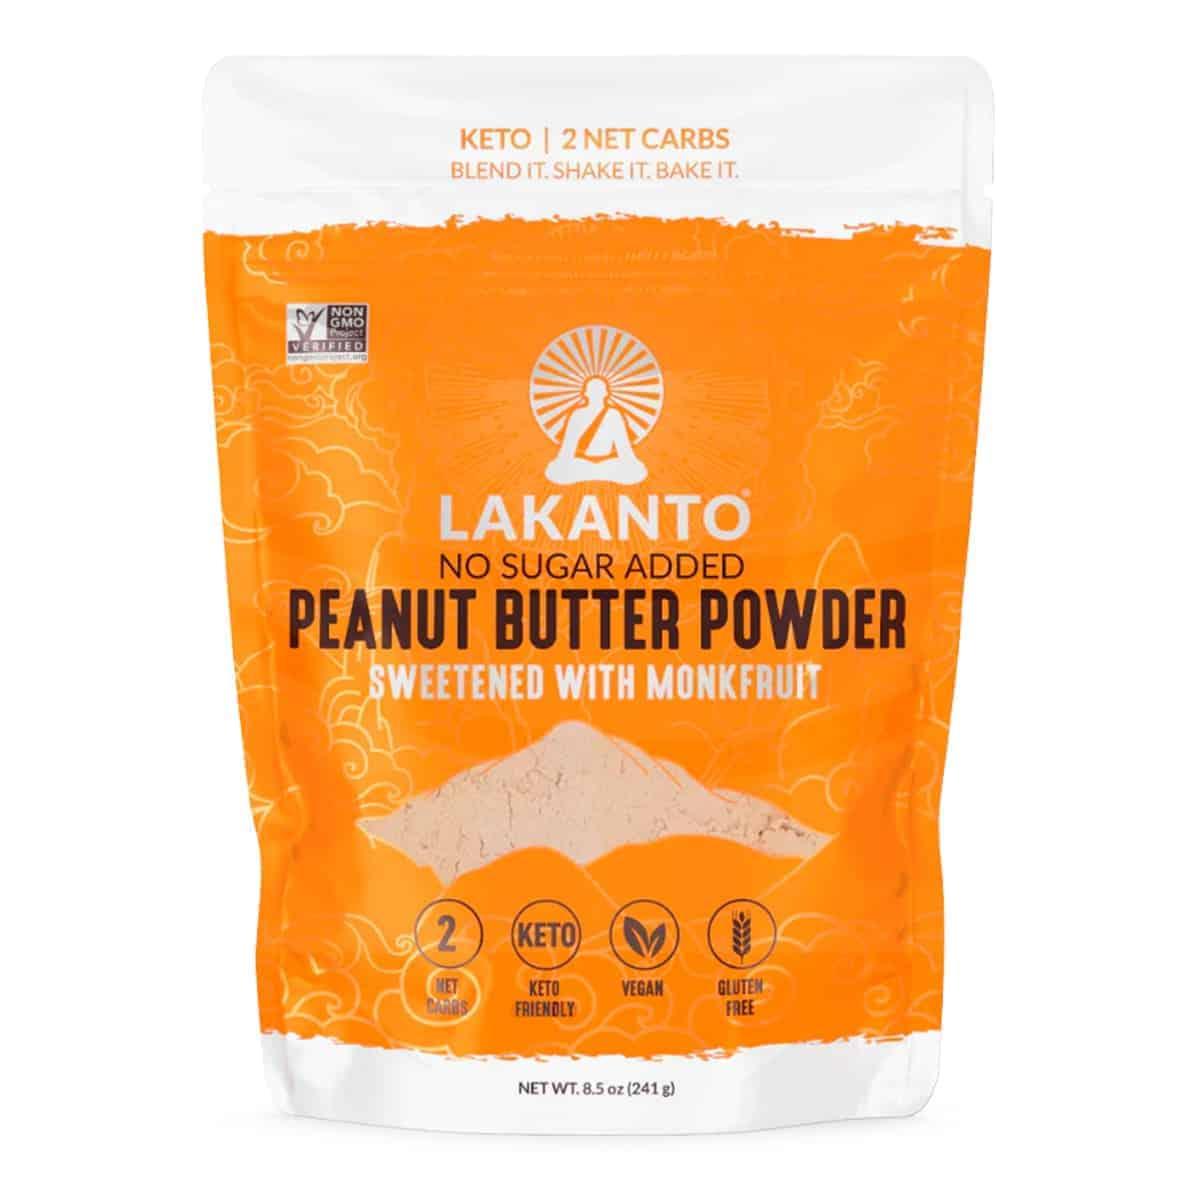 Lakanto, Peanut Butter Powder, No Sugar Added, 8.5 OZ